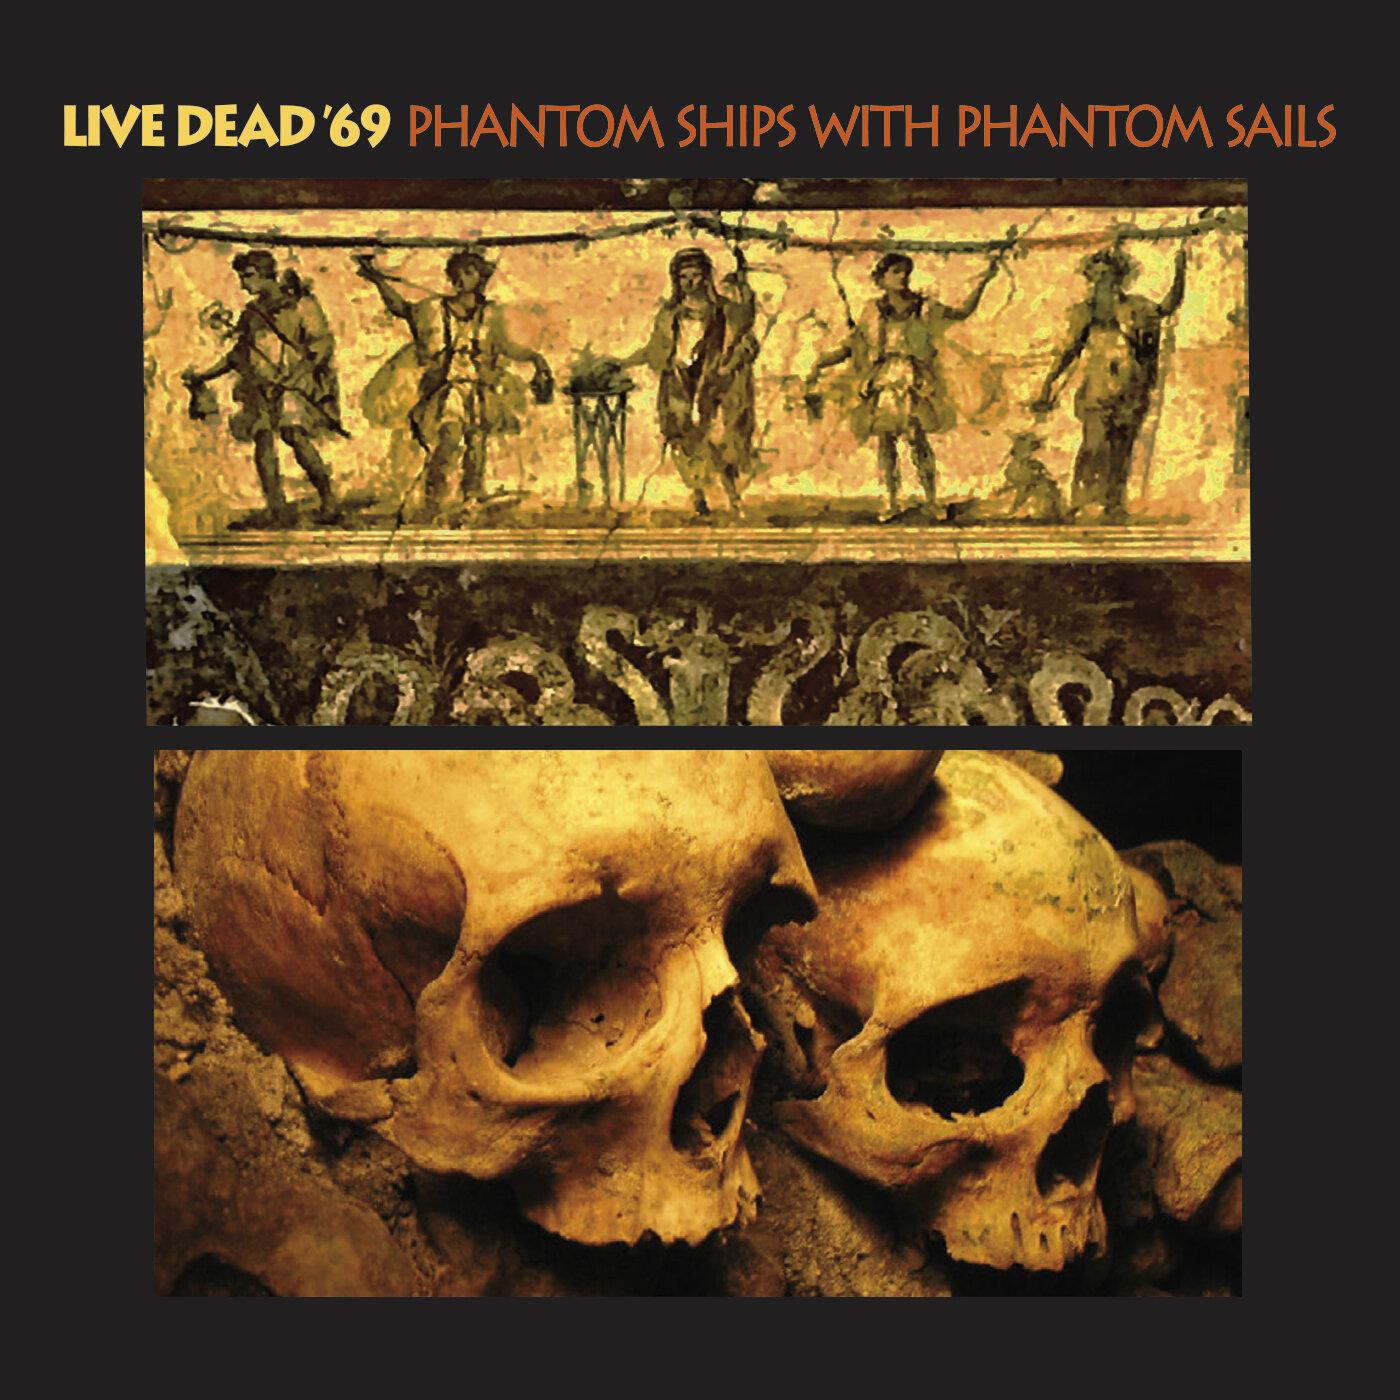 CD-SBR-7951 Live Dead Cover.jpg